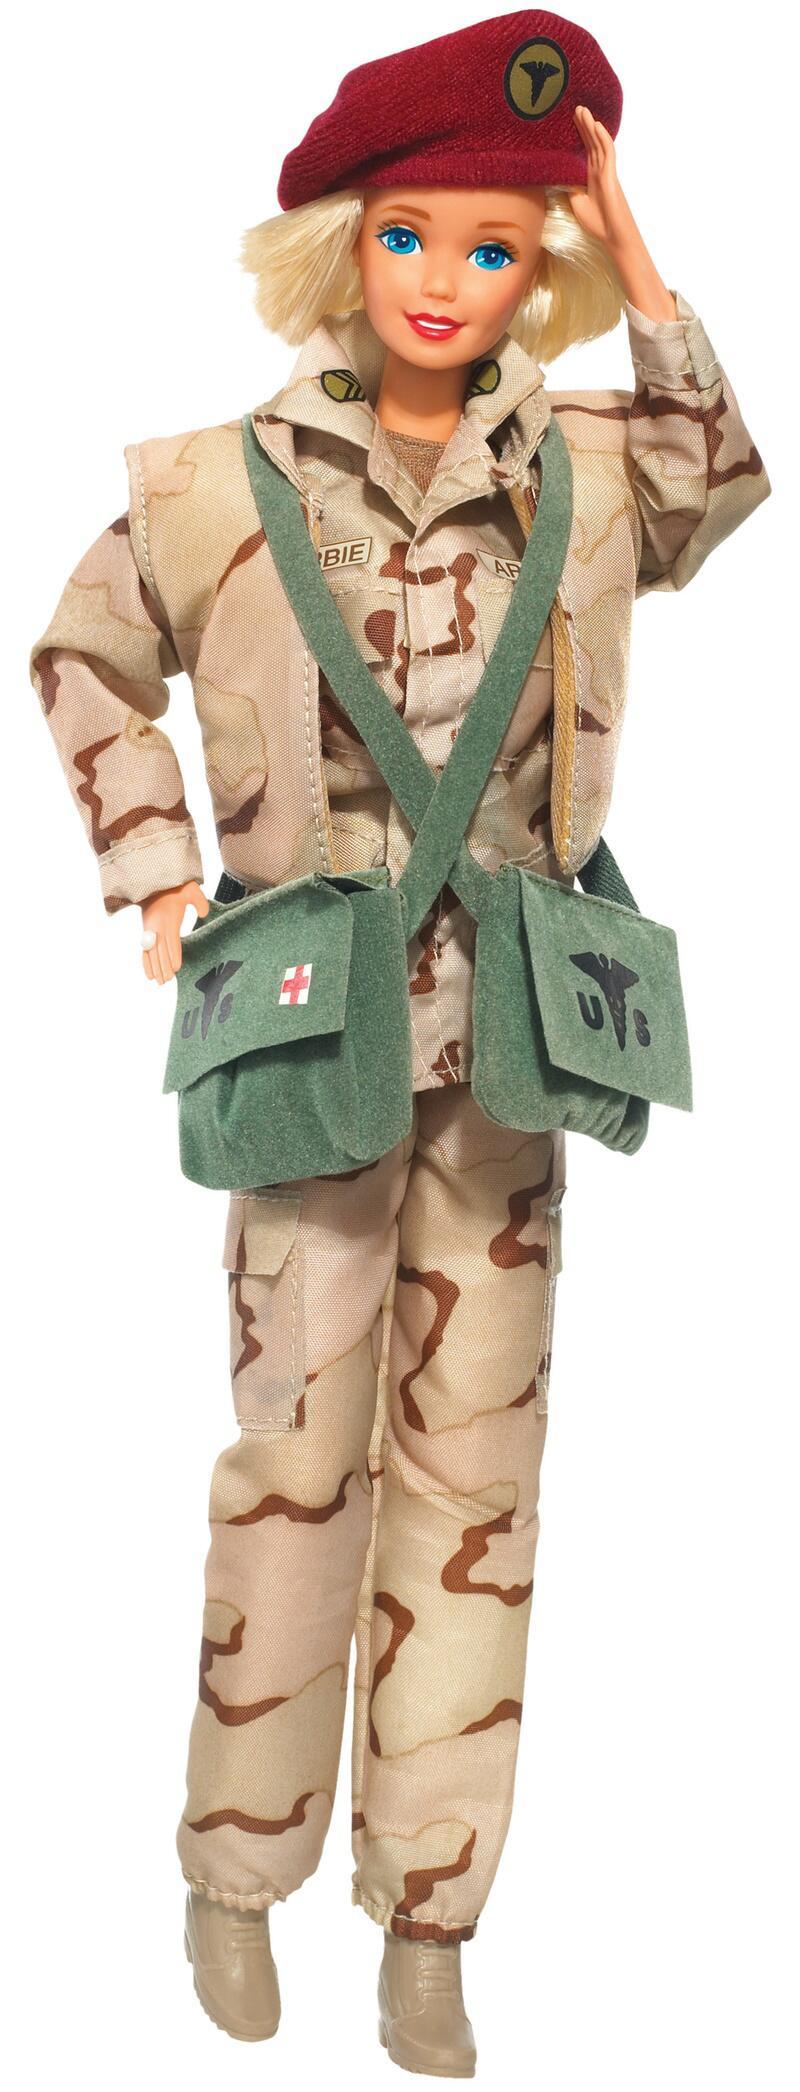 Bild zu 1993 - Militär - Barbie